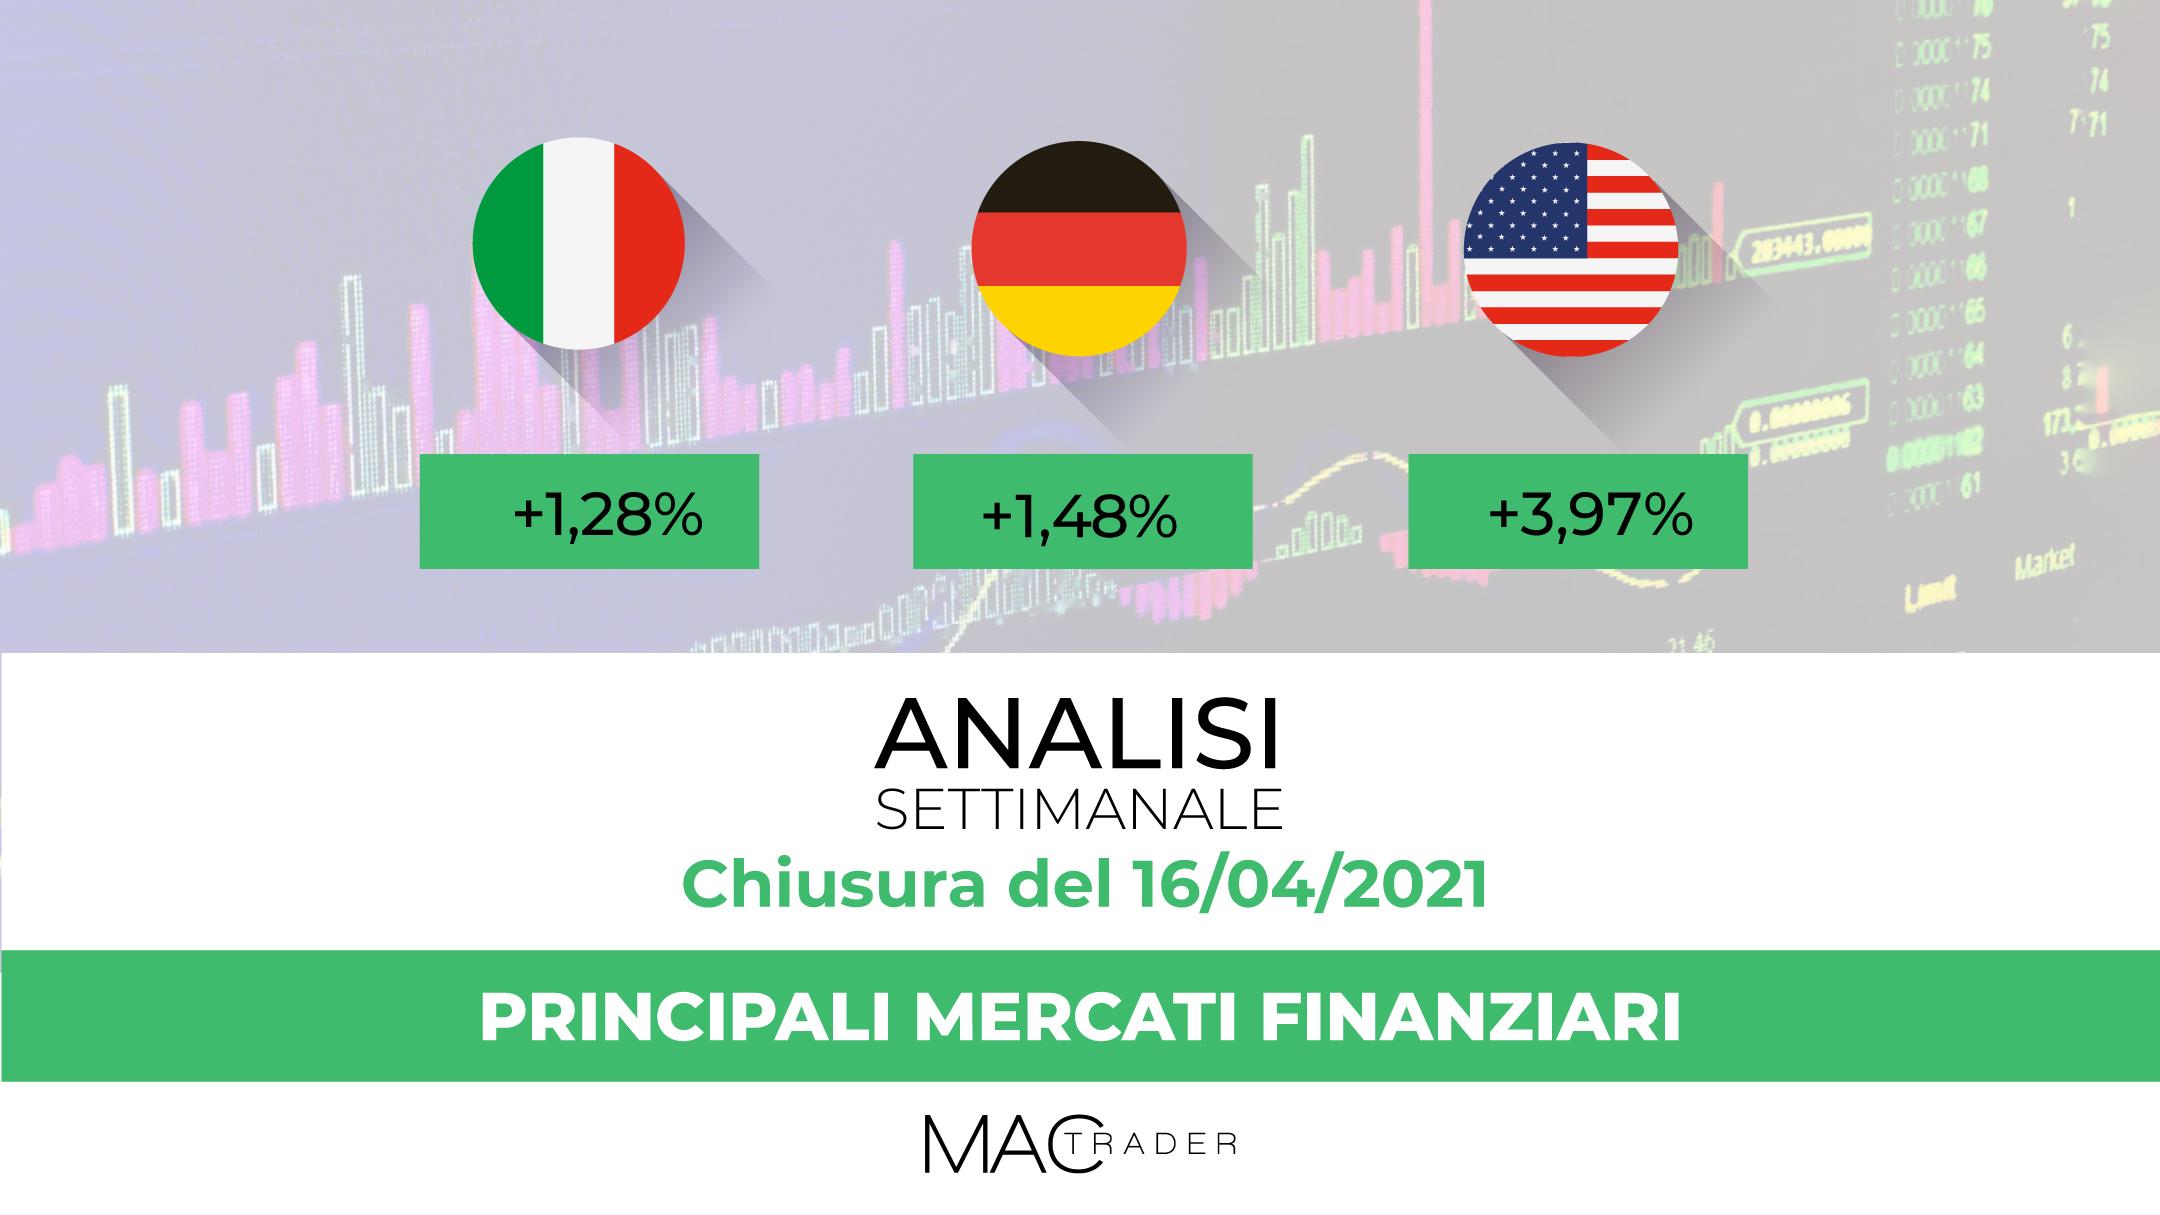 Analisi settimanale dei principali mercati finanziari alla chiusura del 16 Aprile 2021